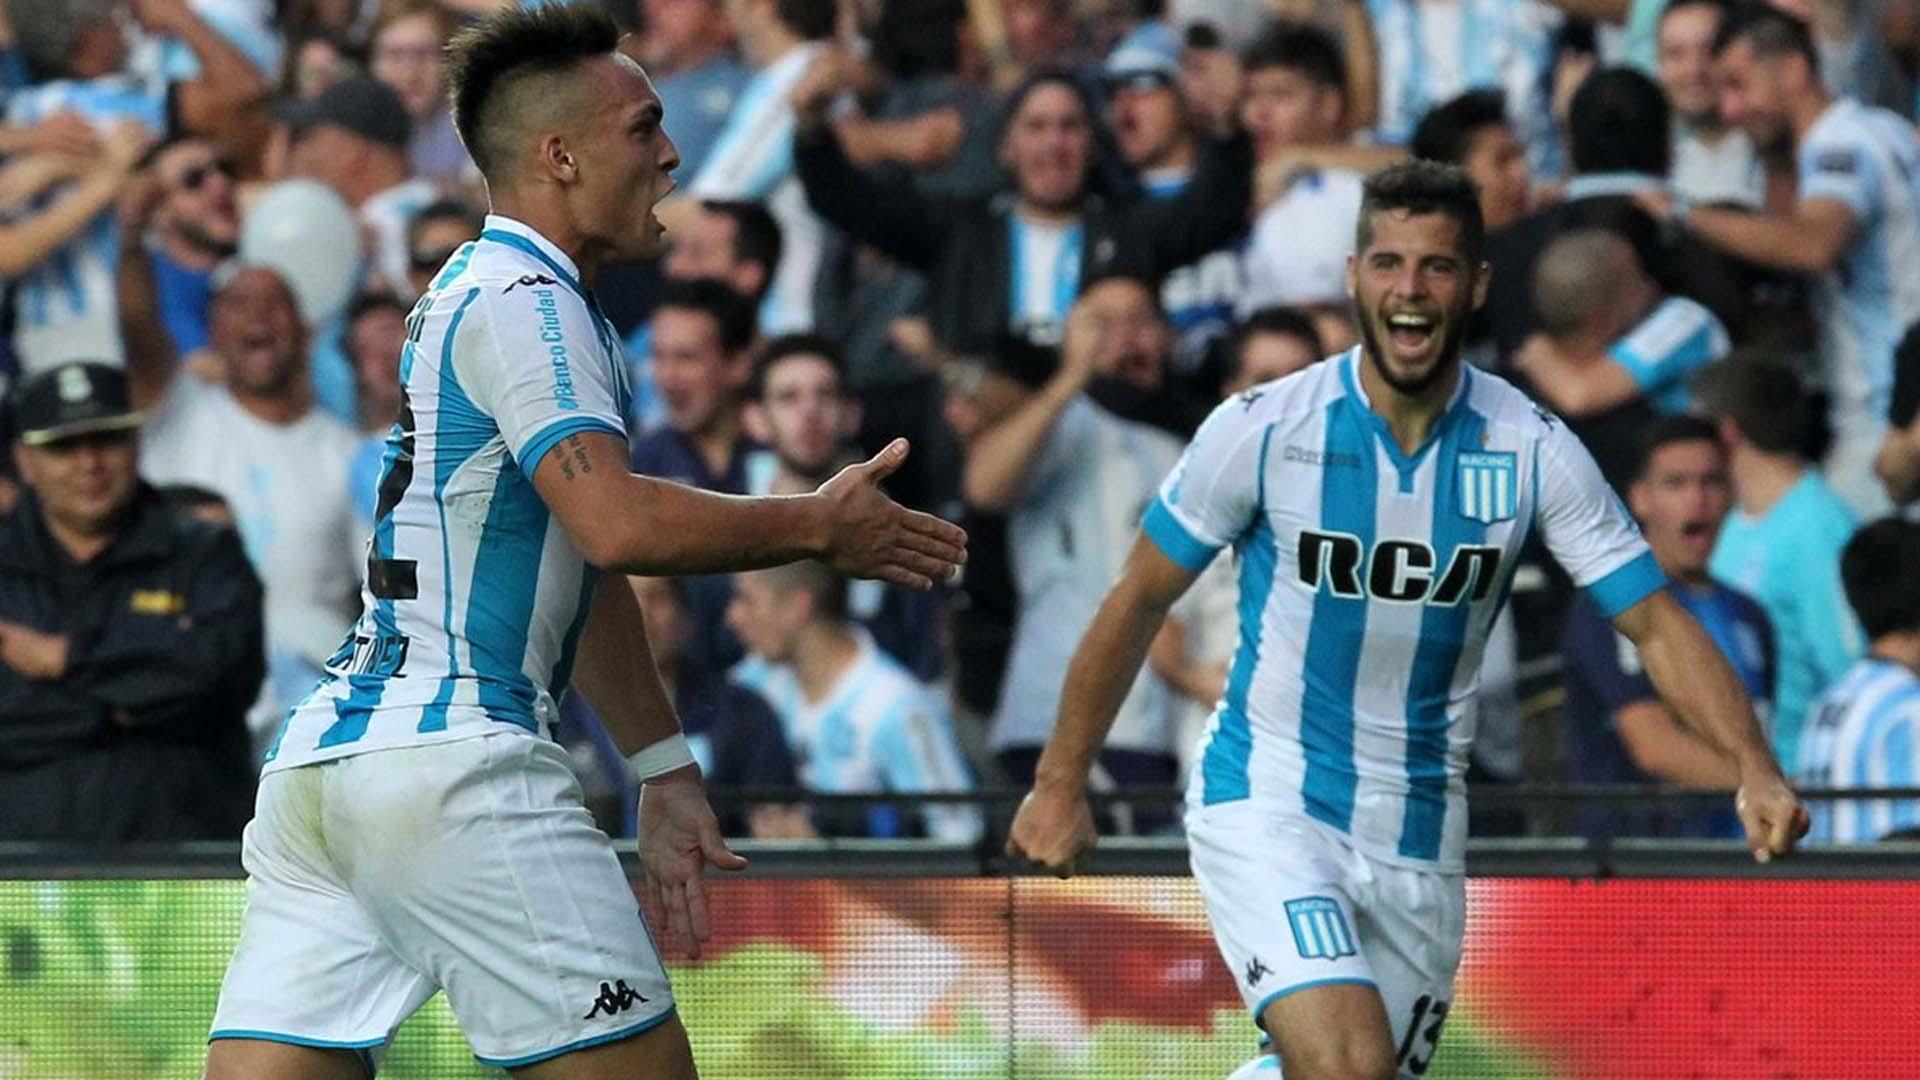 Lautaro Martinez Emanuel Insua Racing Gimnasia La Plata Primera Division 06052017